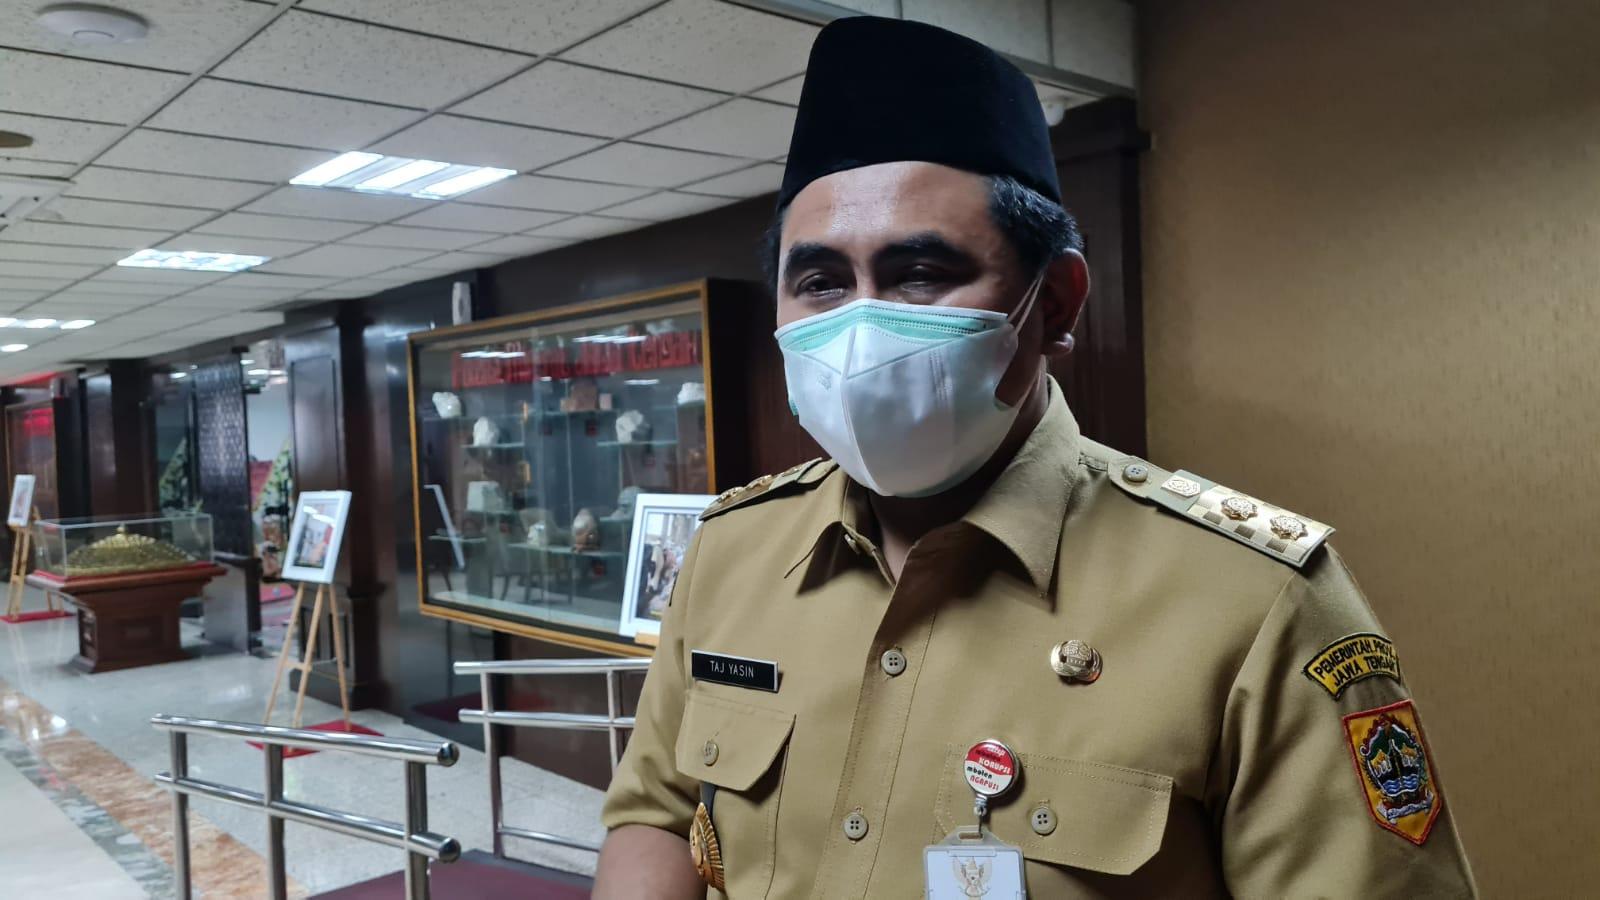 Wagub Jateng, Taj Yasin Maimoen, usai rapat koordinasi penanggulangan Covid-19 di Gedung Pemerintah Provinsi, Senin (30/8/2021). FOTO: Rezanda Akbar D/Lingkar.co